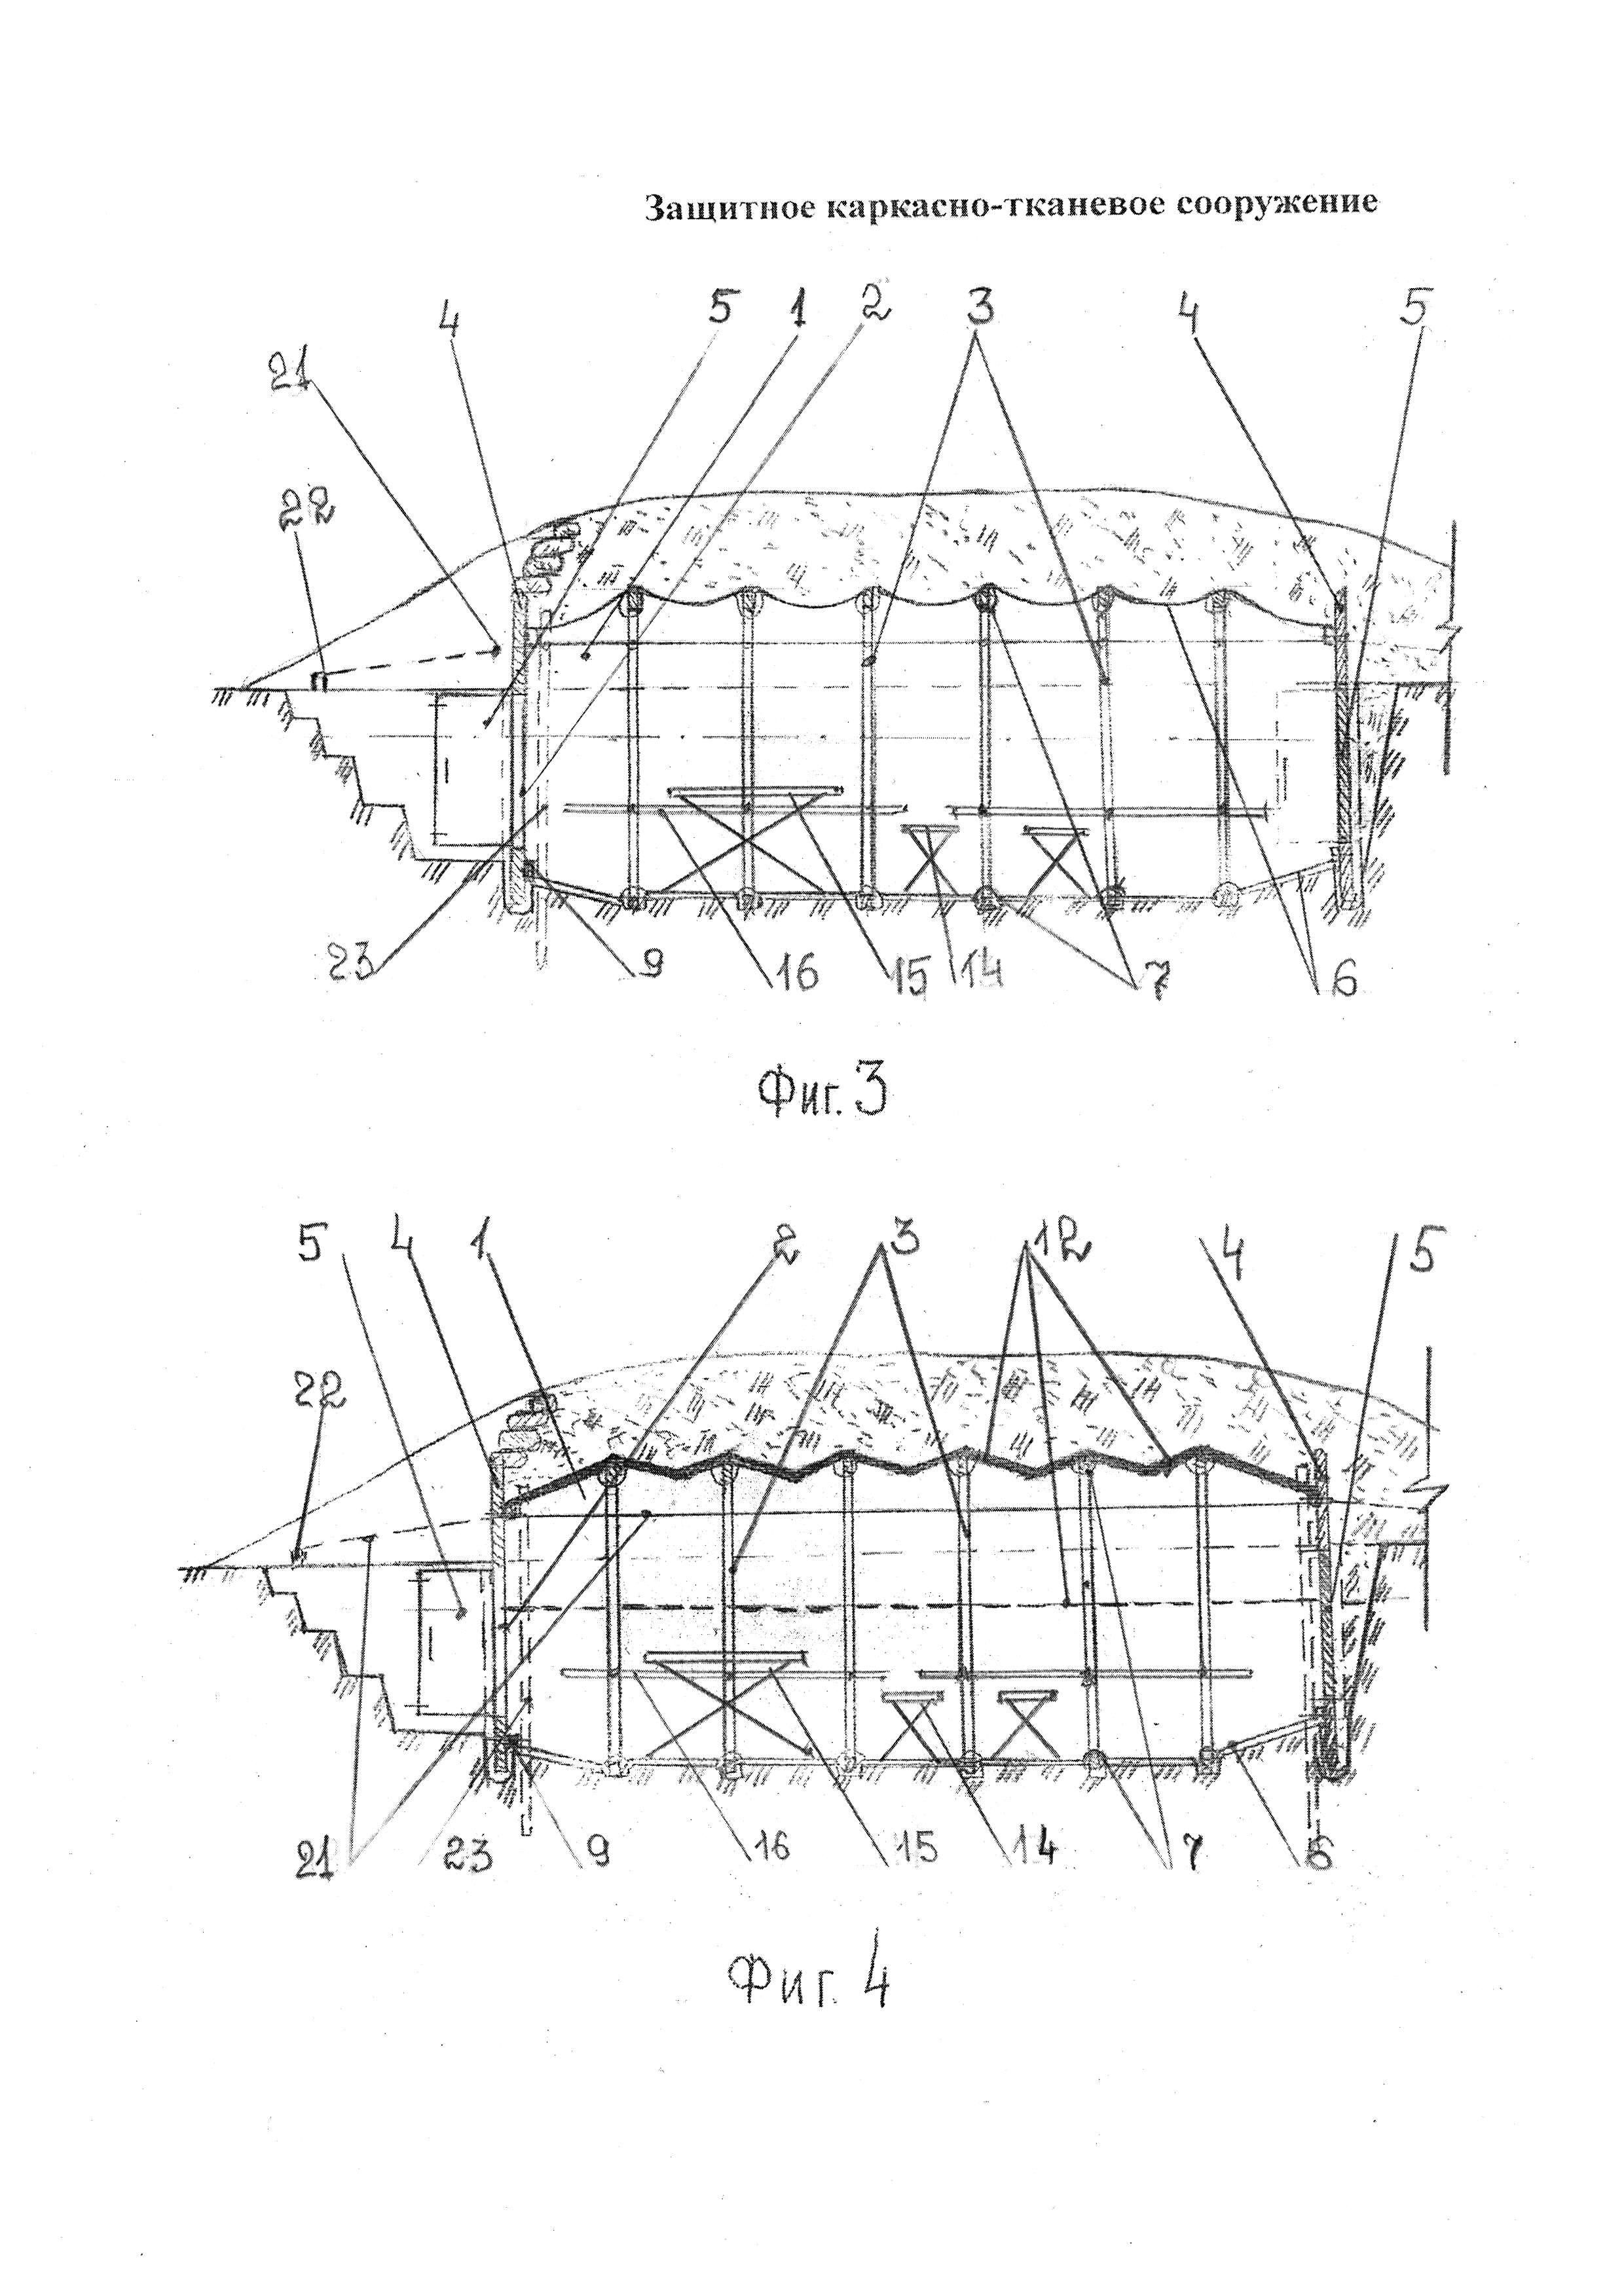 Защитное каркасно-тканевое сооружение